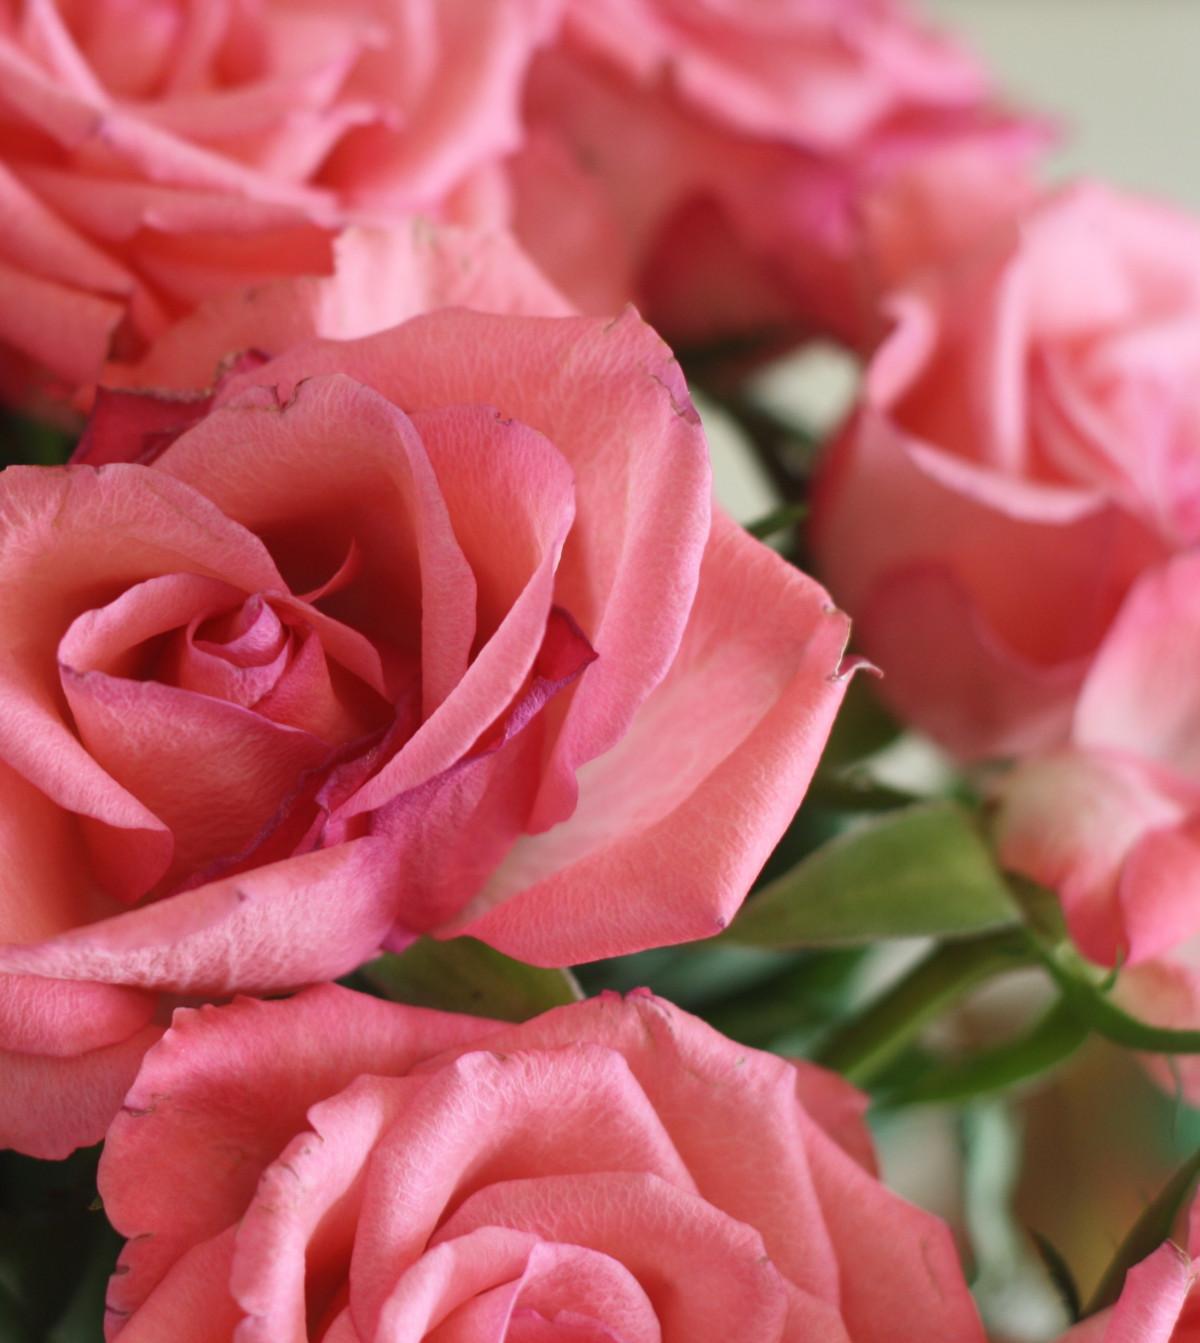 Free Images : Flower, Rose Family, Garden Roses